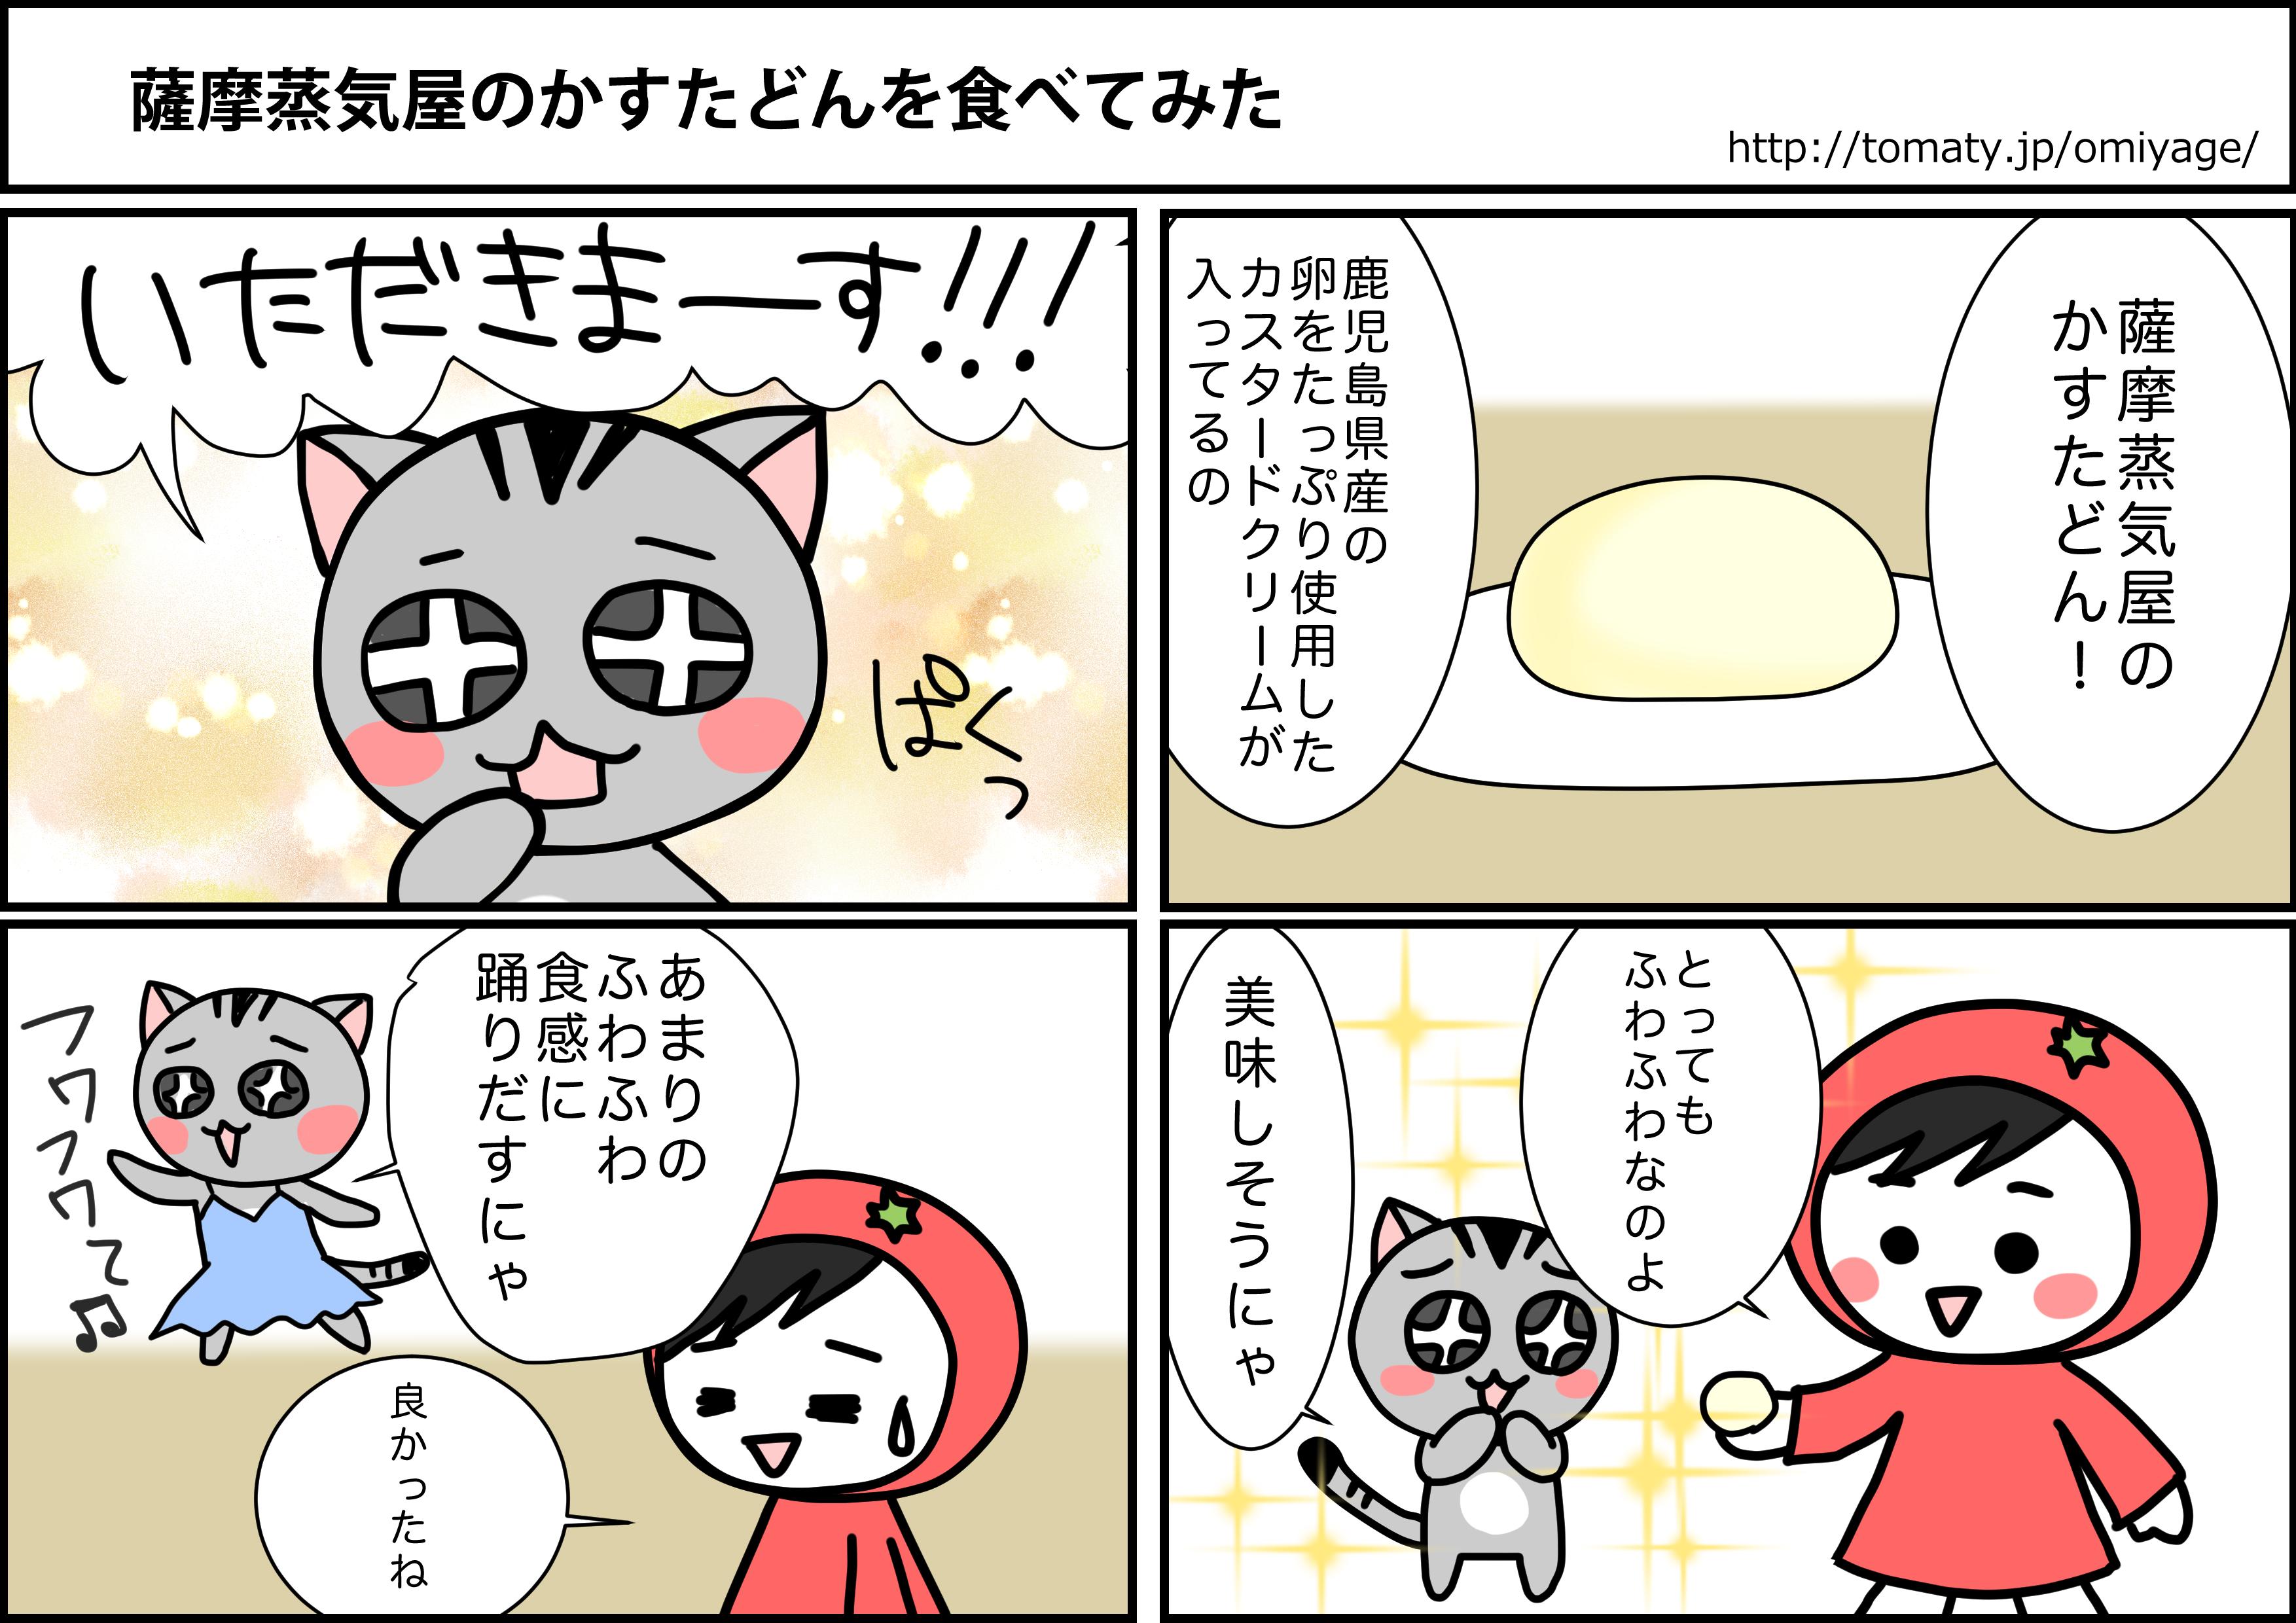 まめ太の4コマ漫画「薩摩蒸気屋のかすたどんを食べてみた」